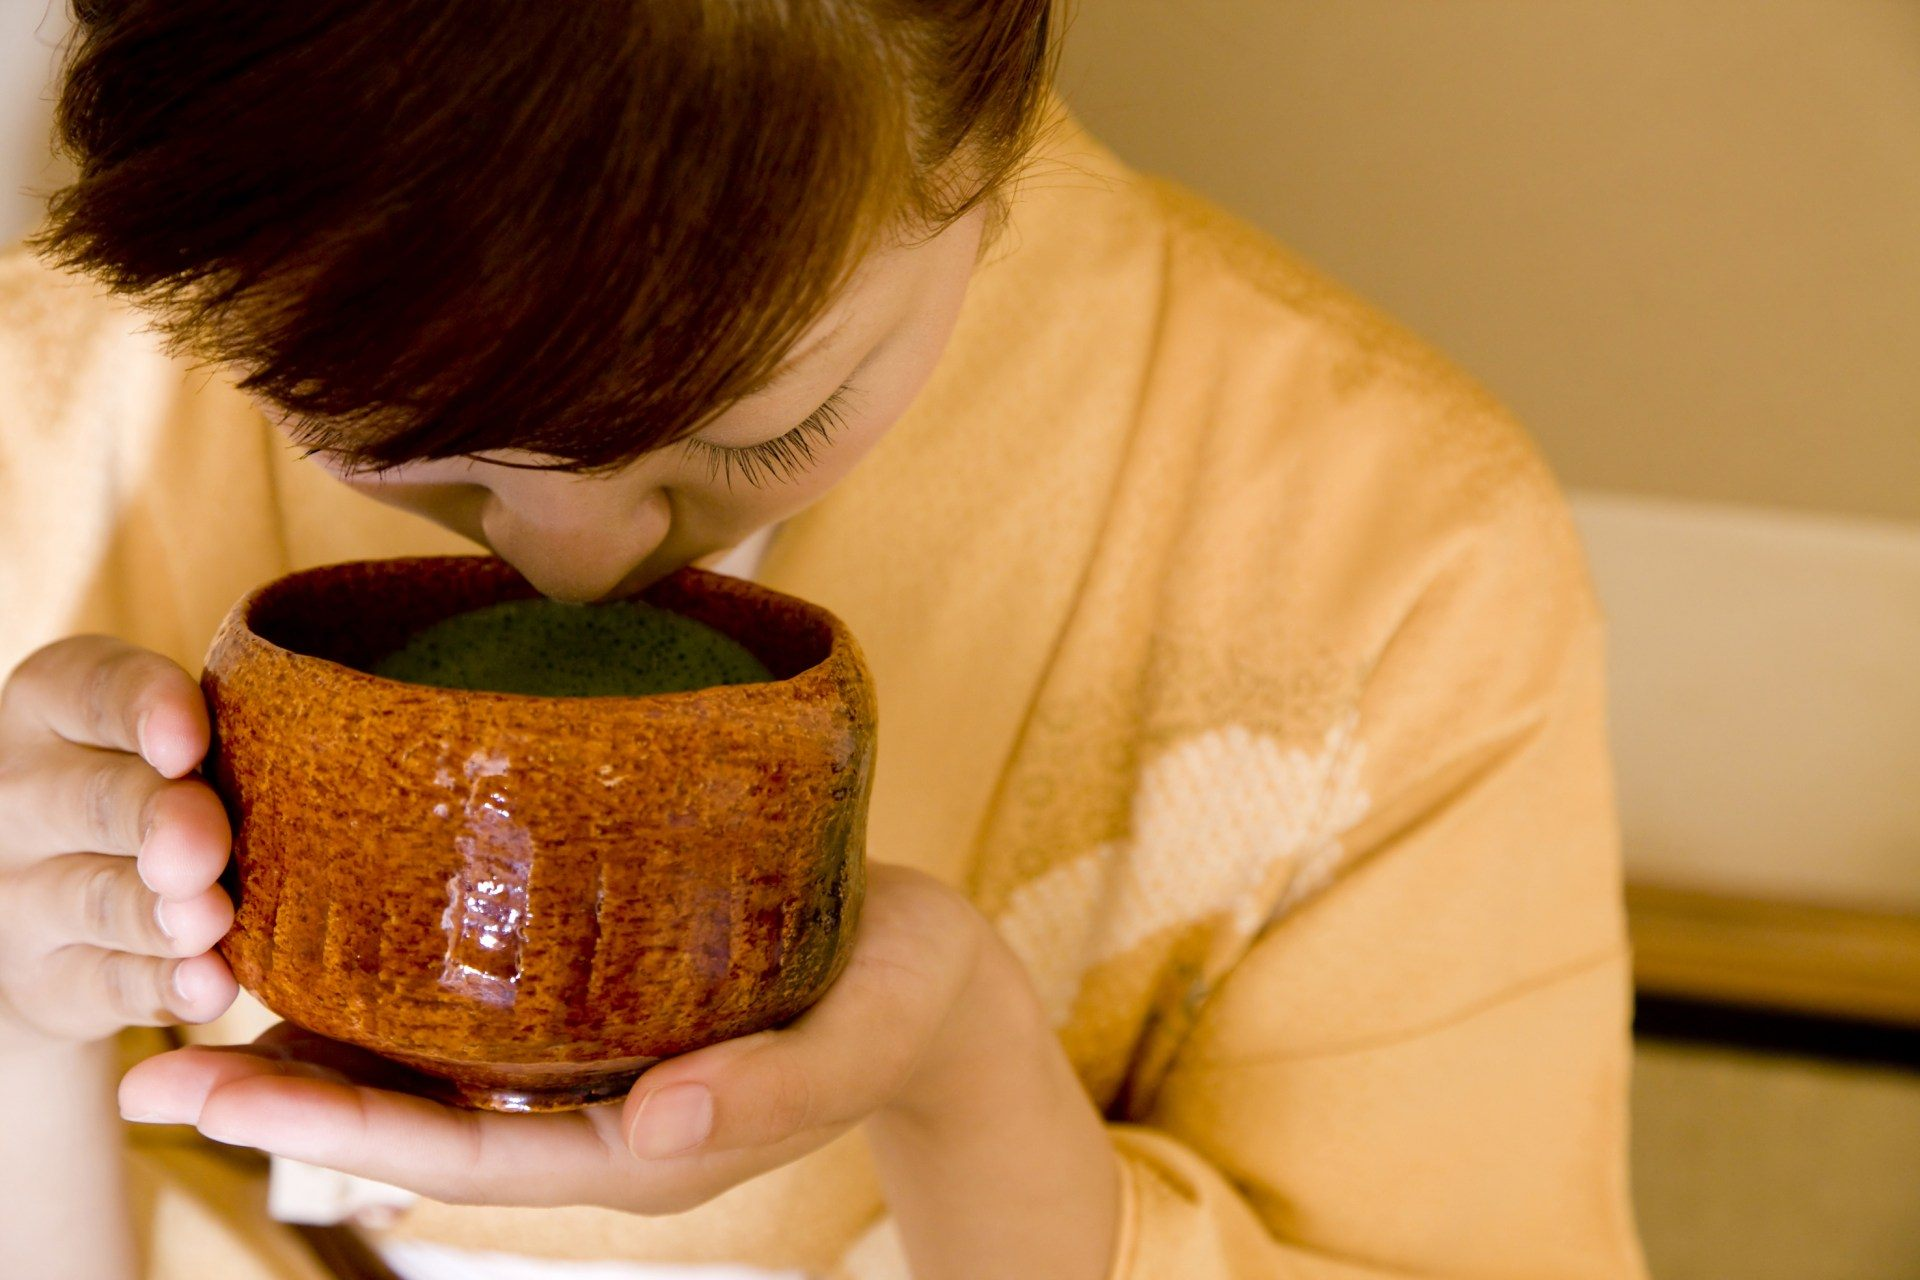 为表示尊重亭主,须专注茶碗而不左顾右盼